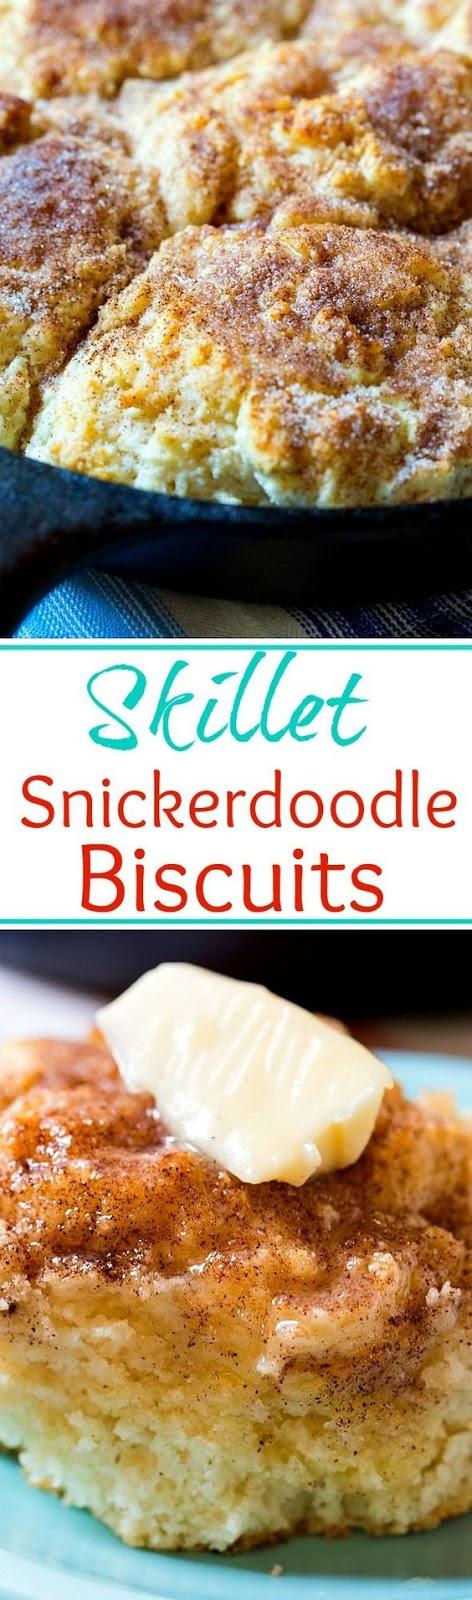 Skillet Snickerdoodle Biscuits